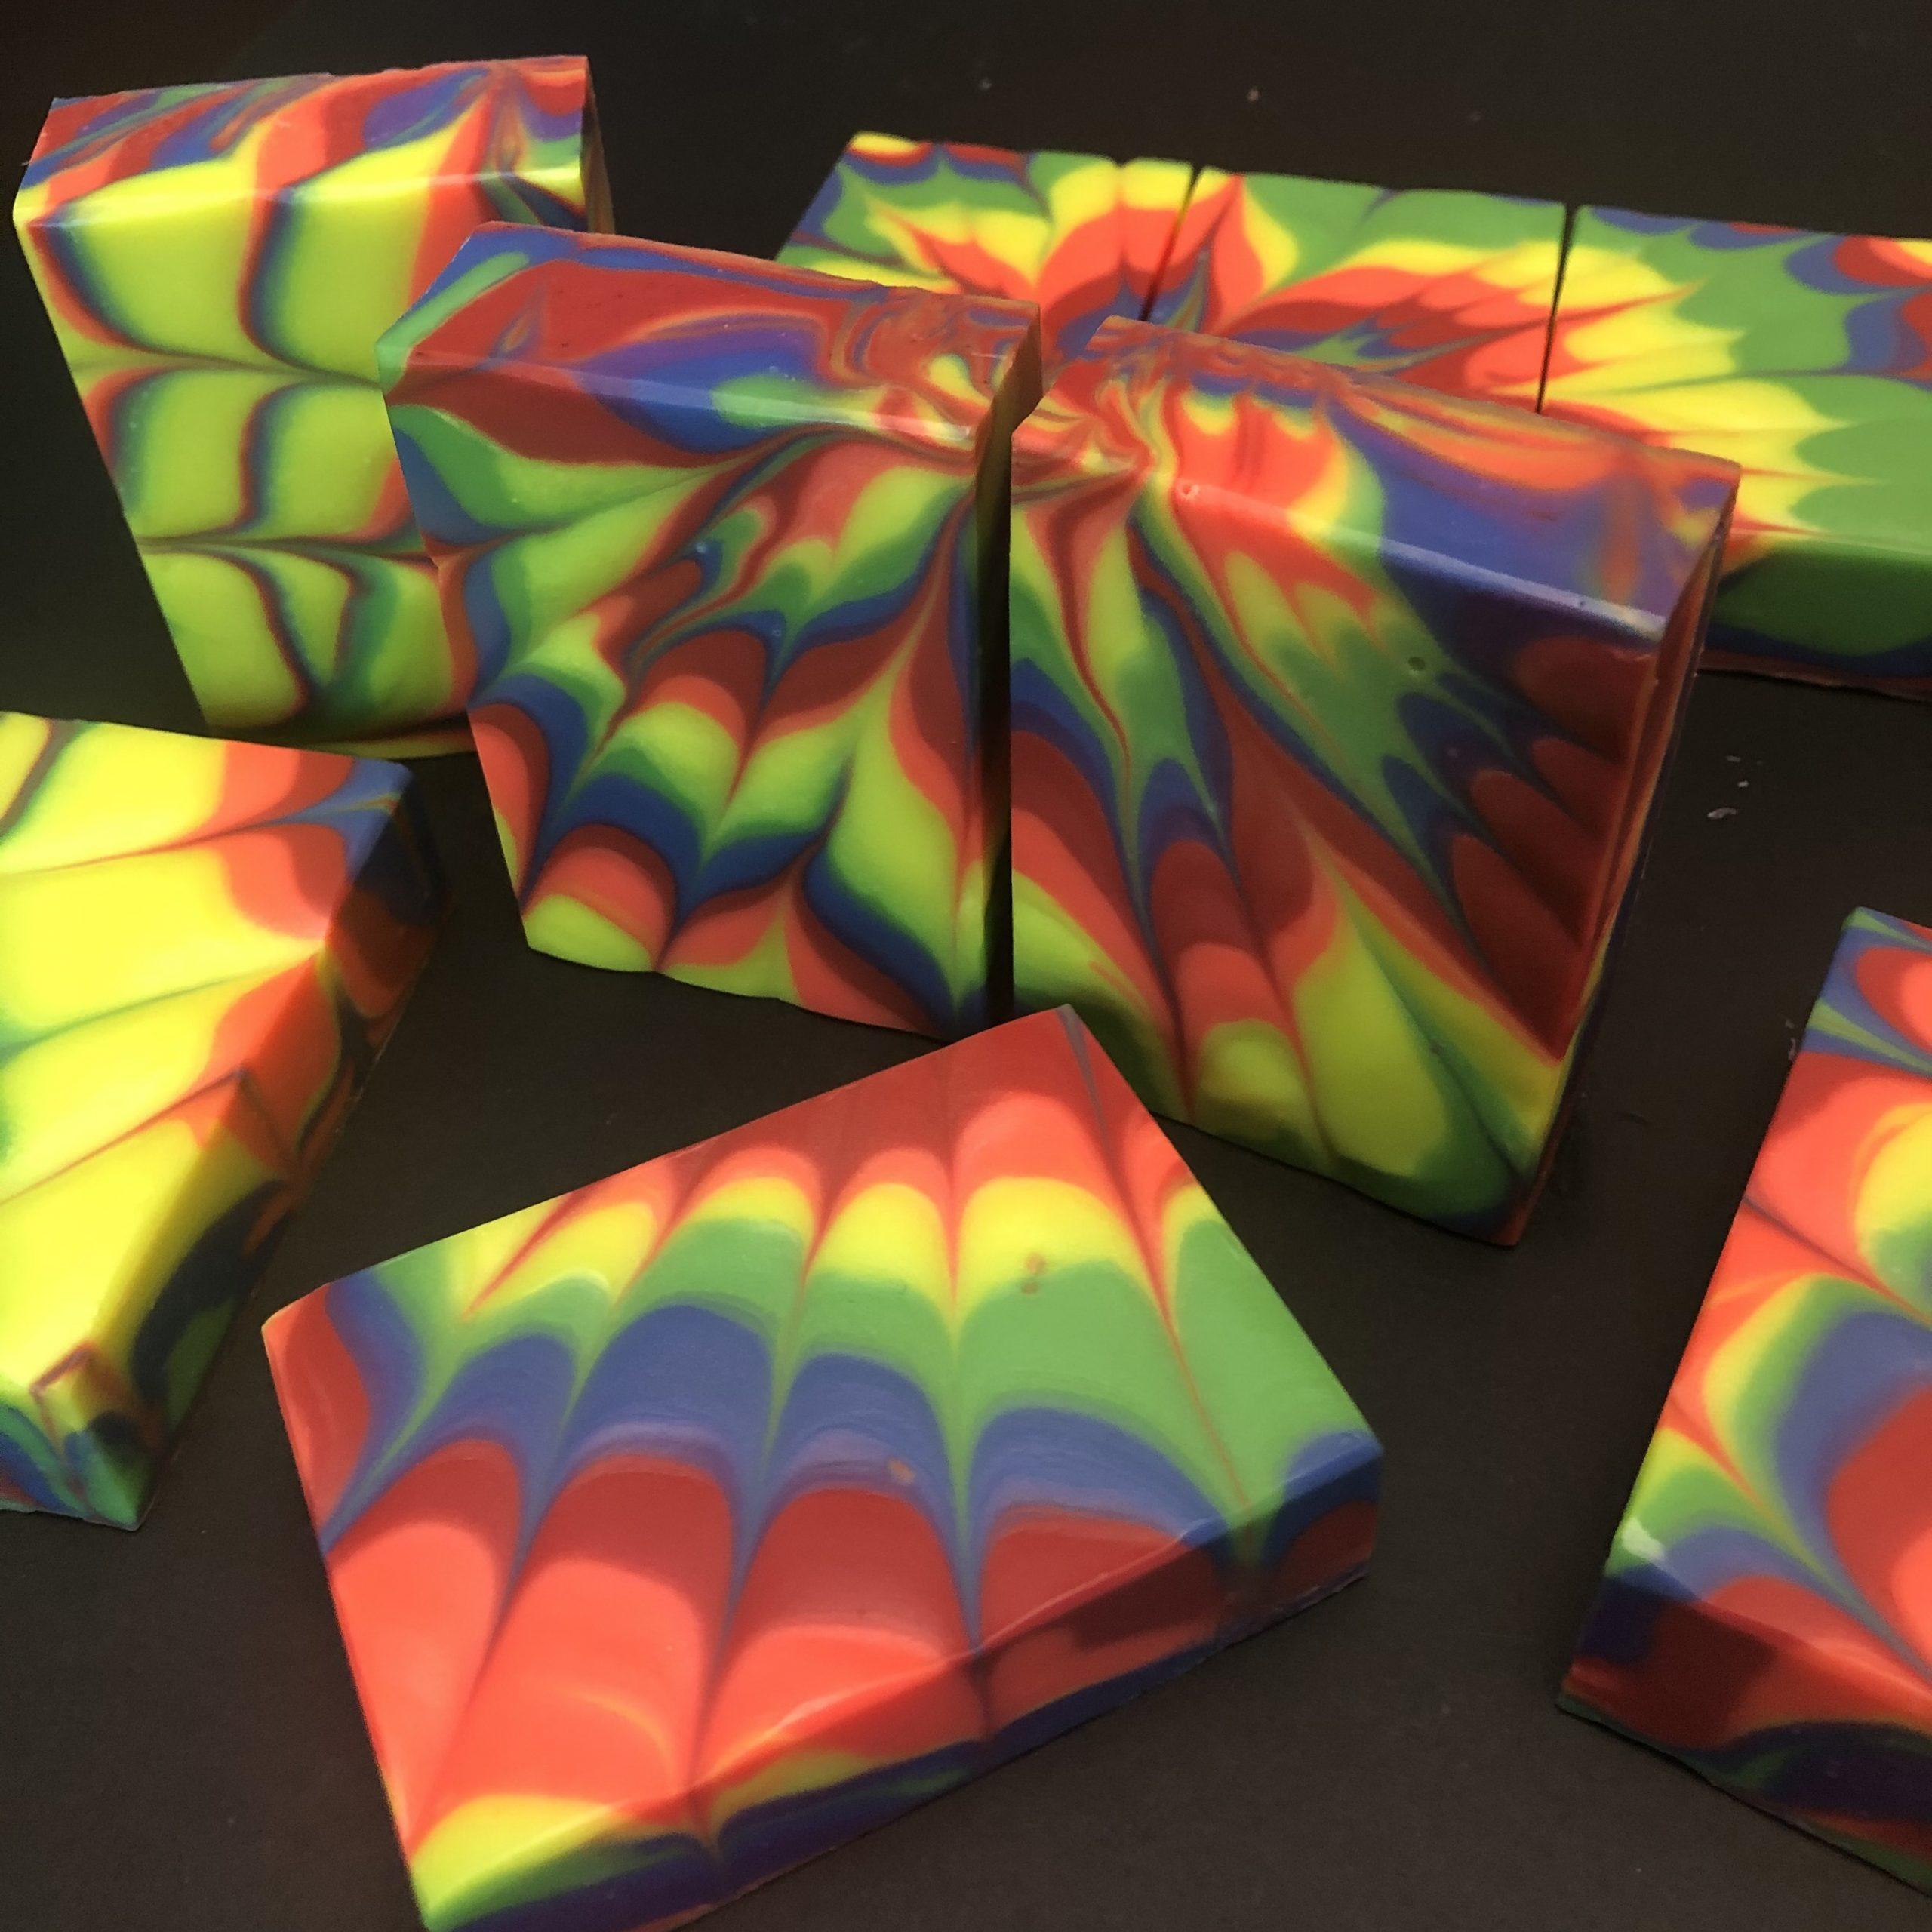 rainbow kaleidoscope